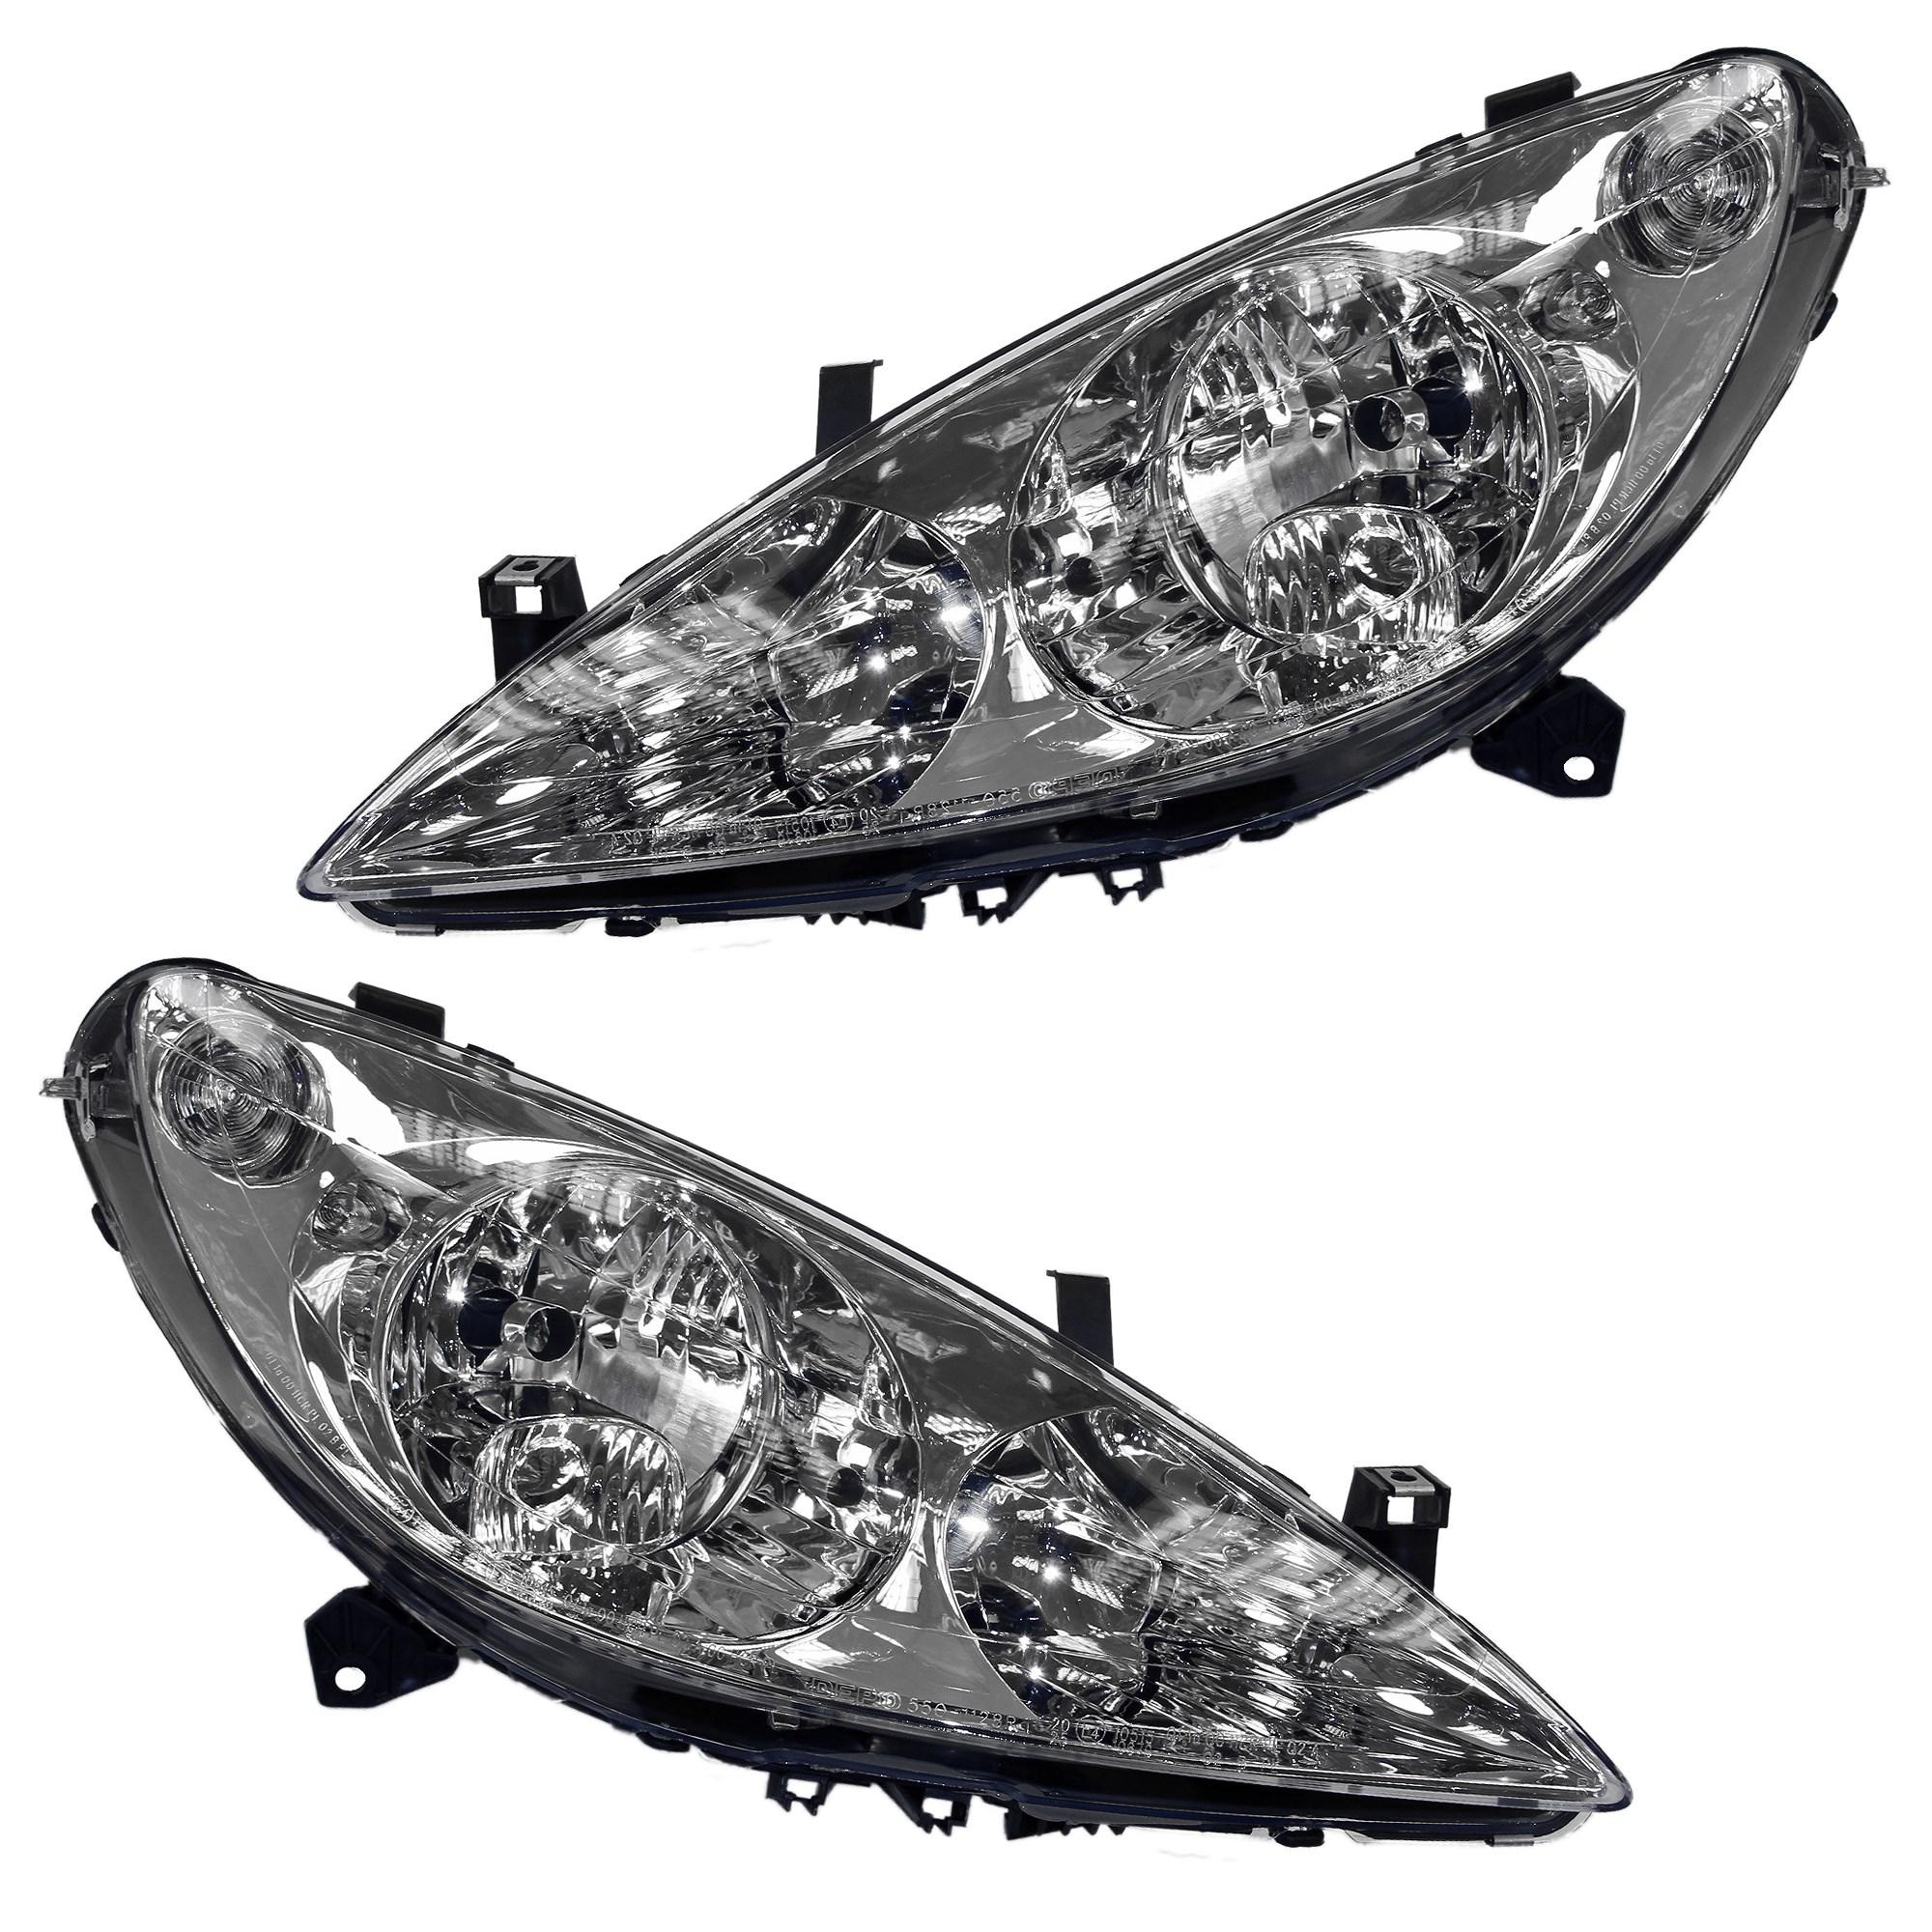 2x Scheinwerfer H7// H7 Typ VALEO mit Stellmotor links rechts,